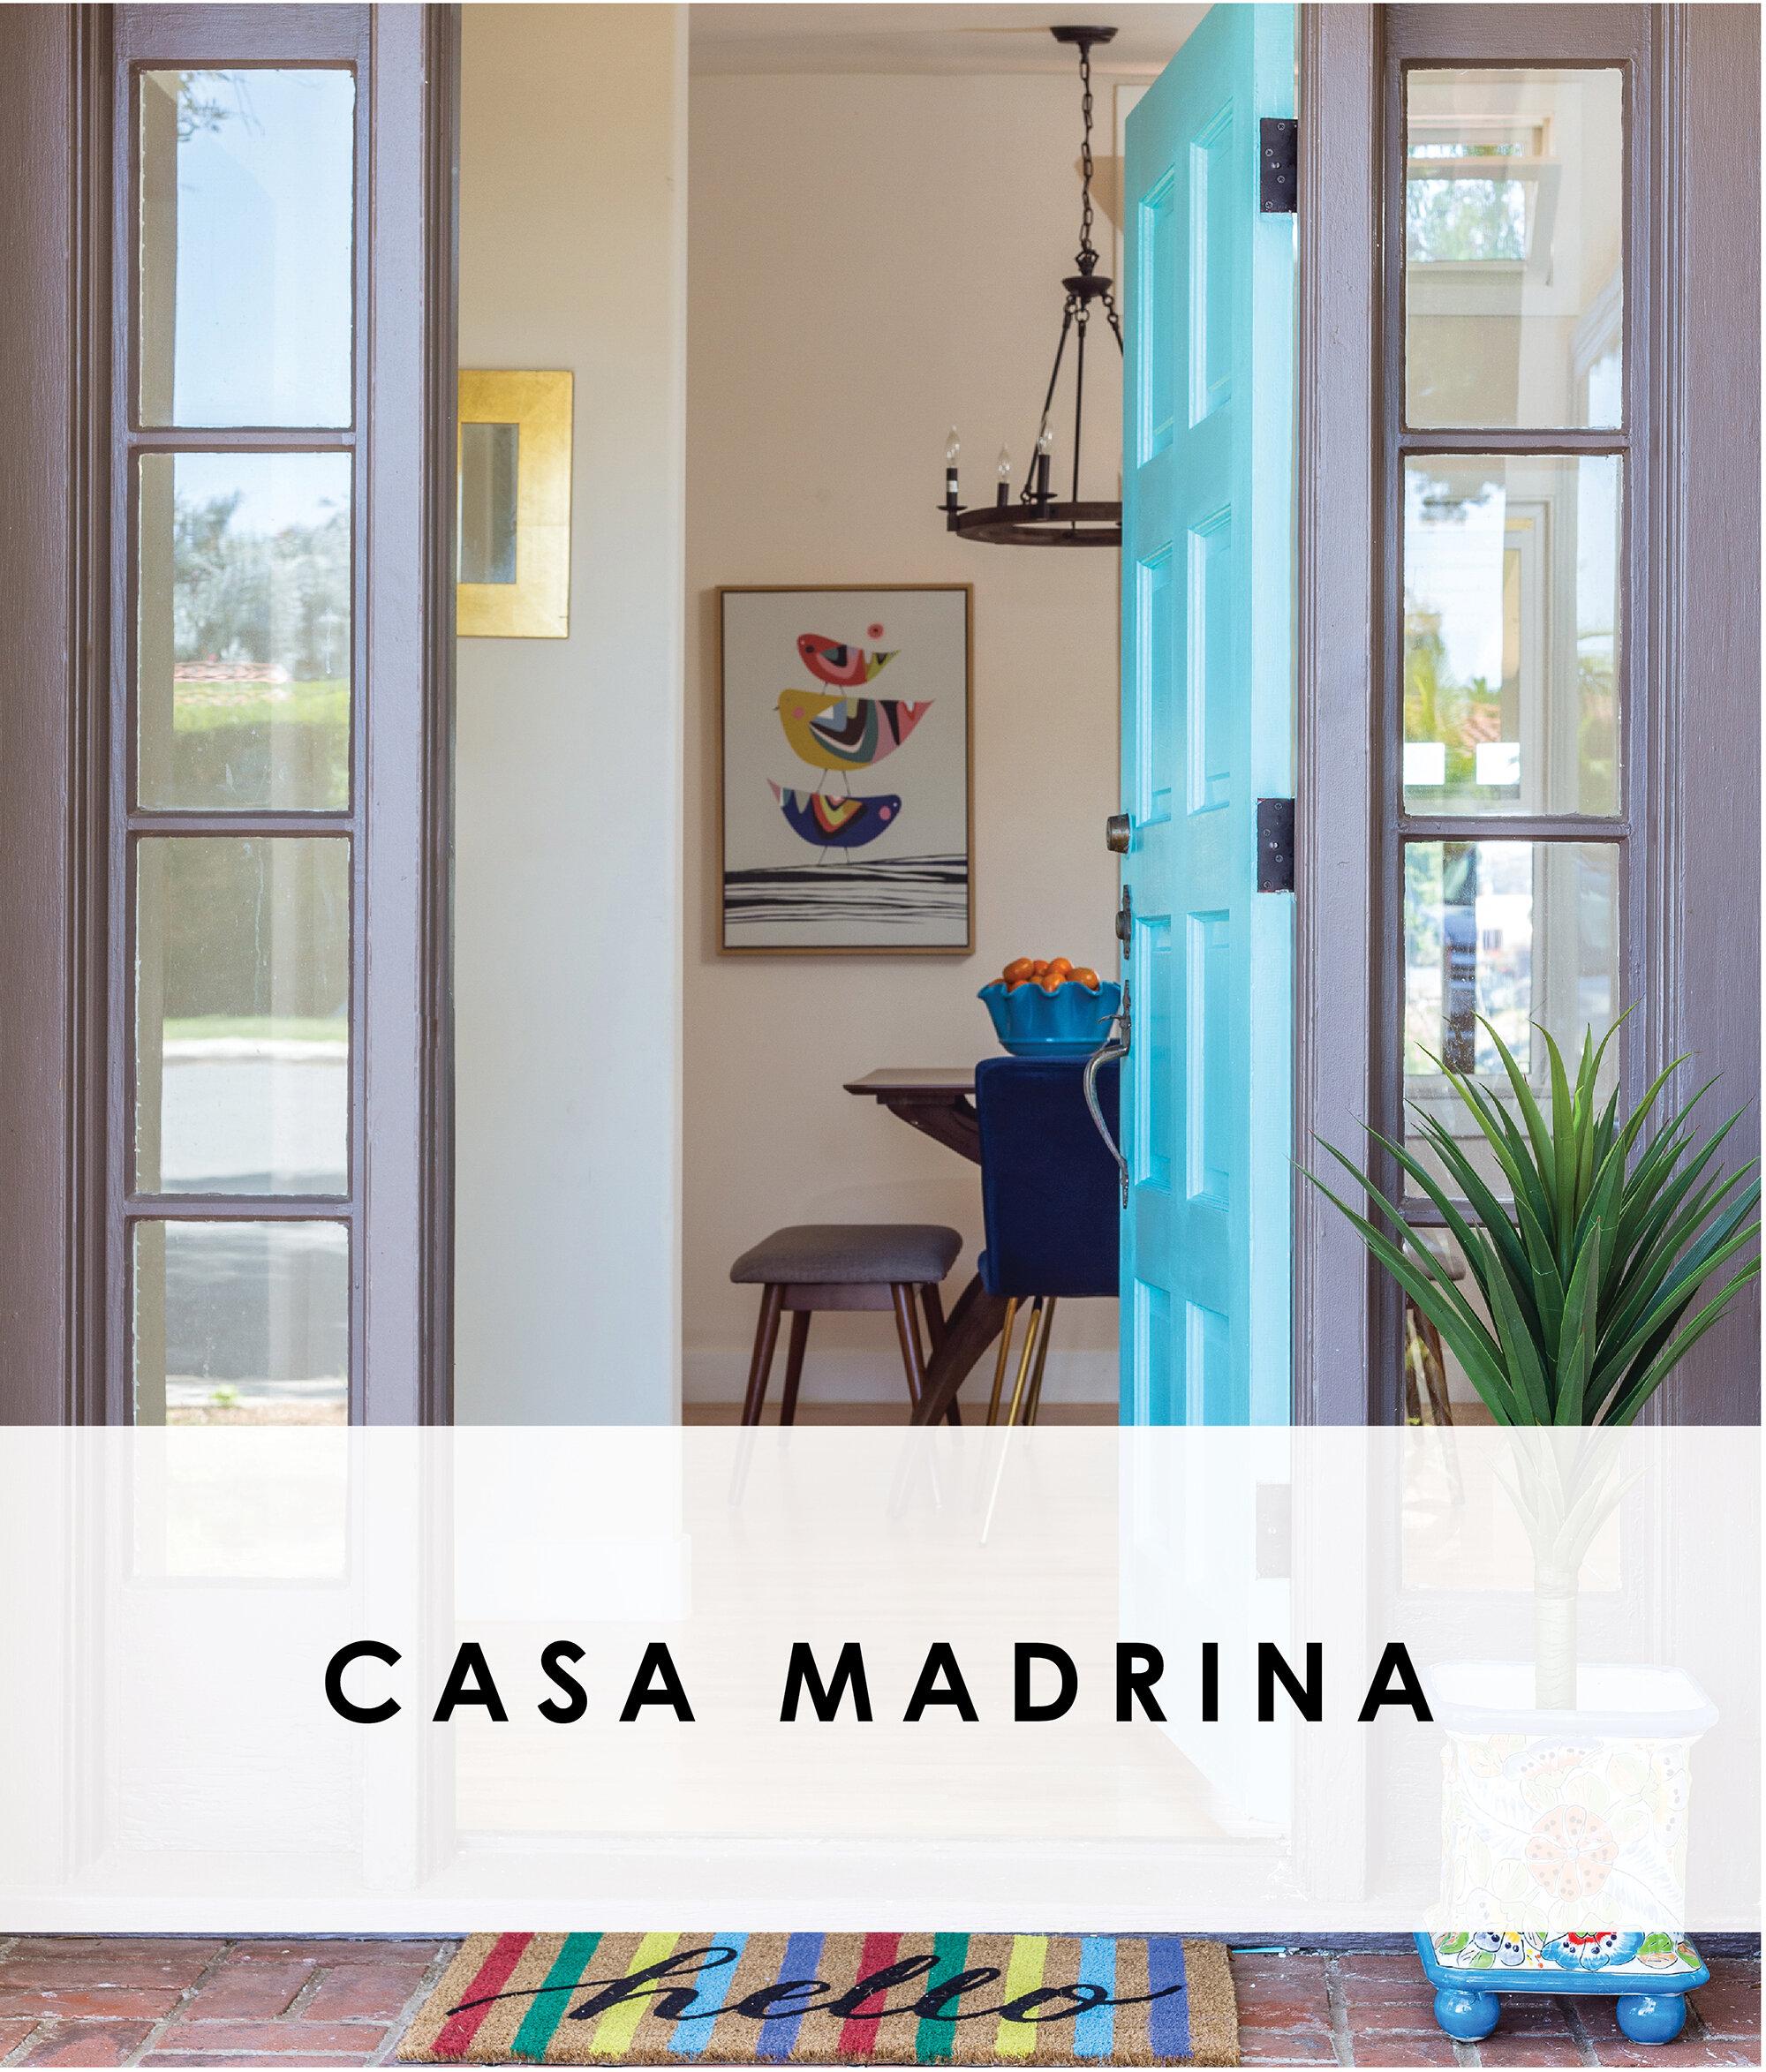 Casa Madrina.jpg